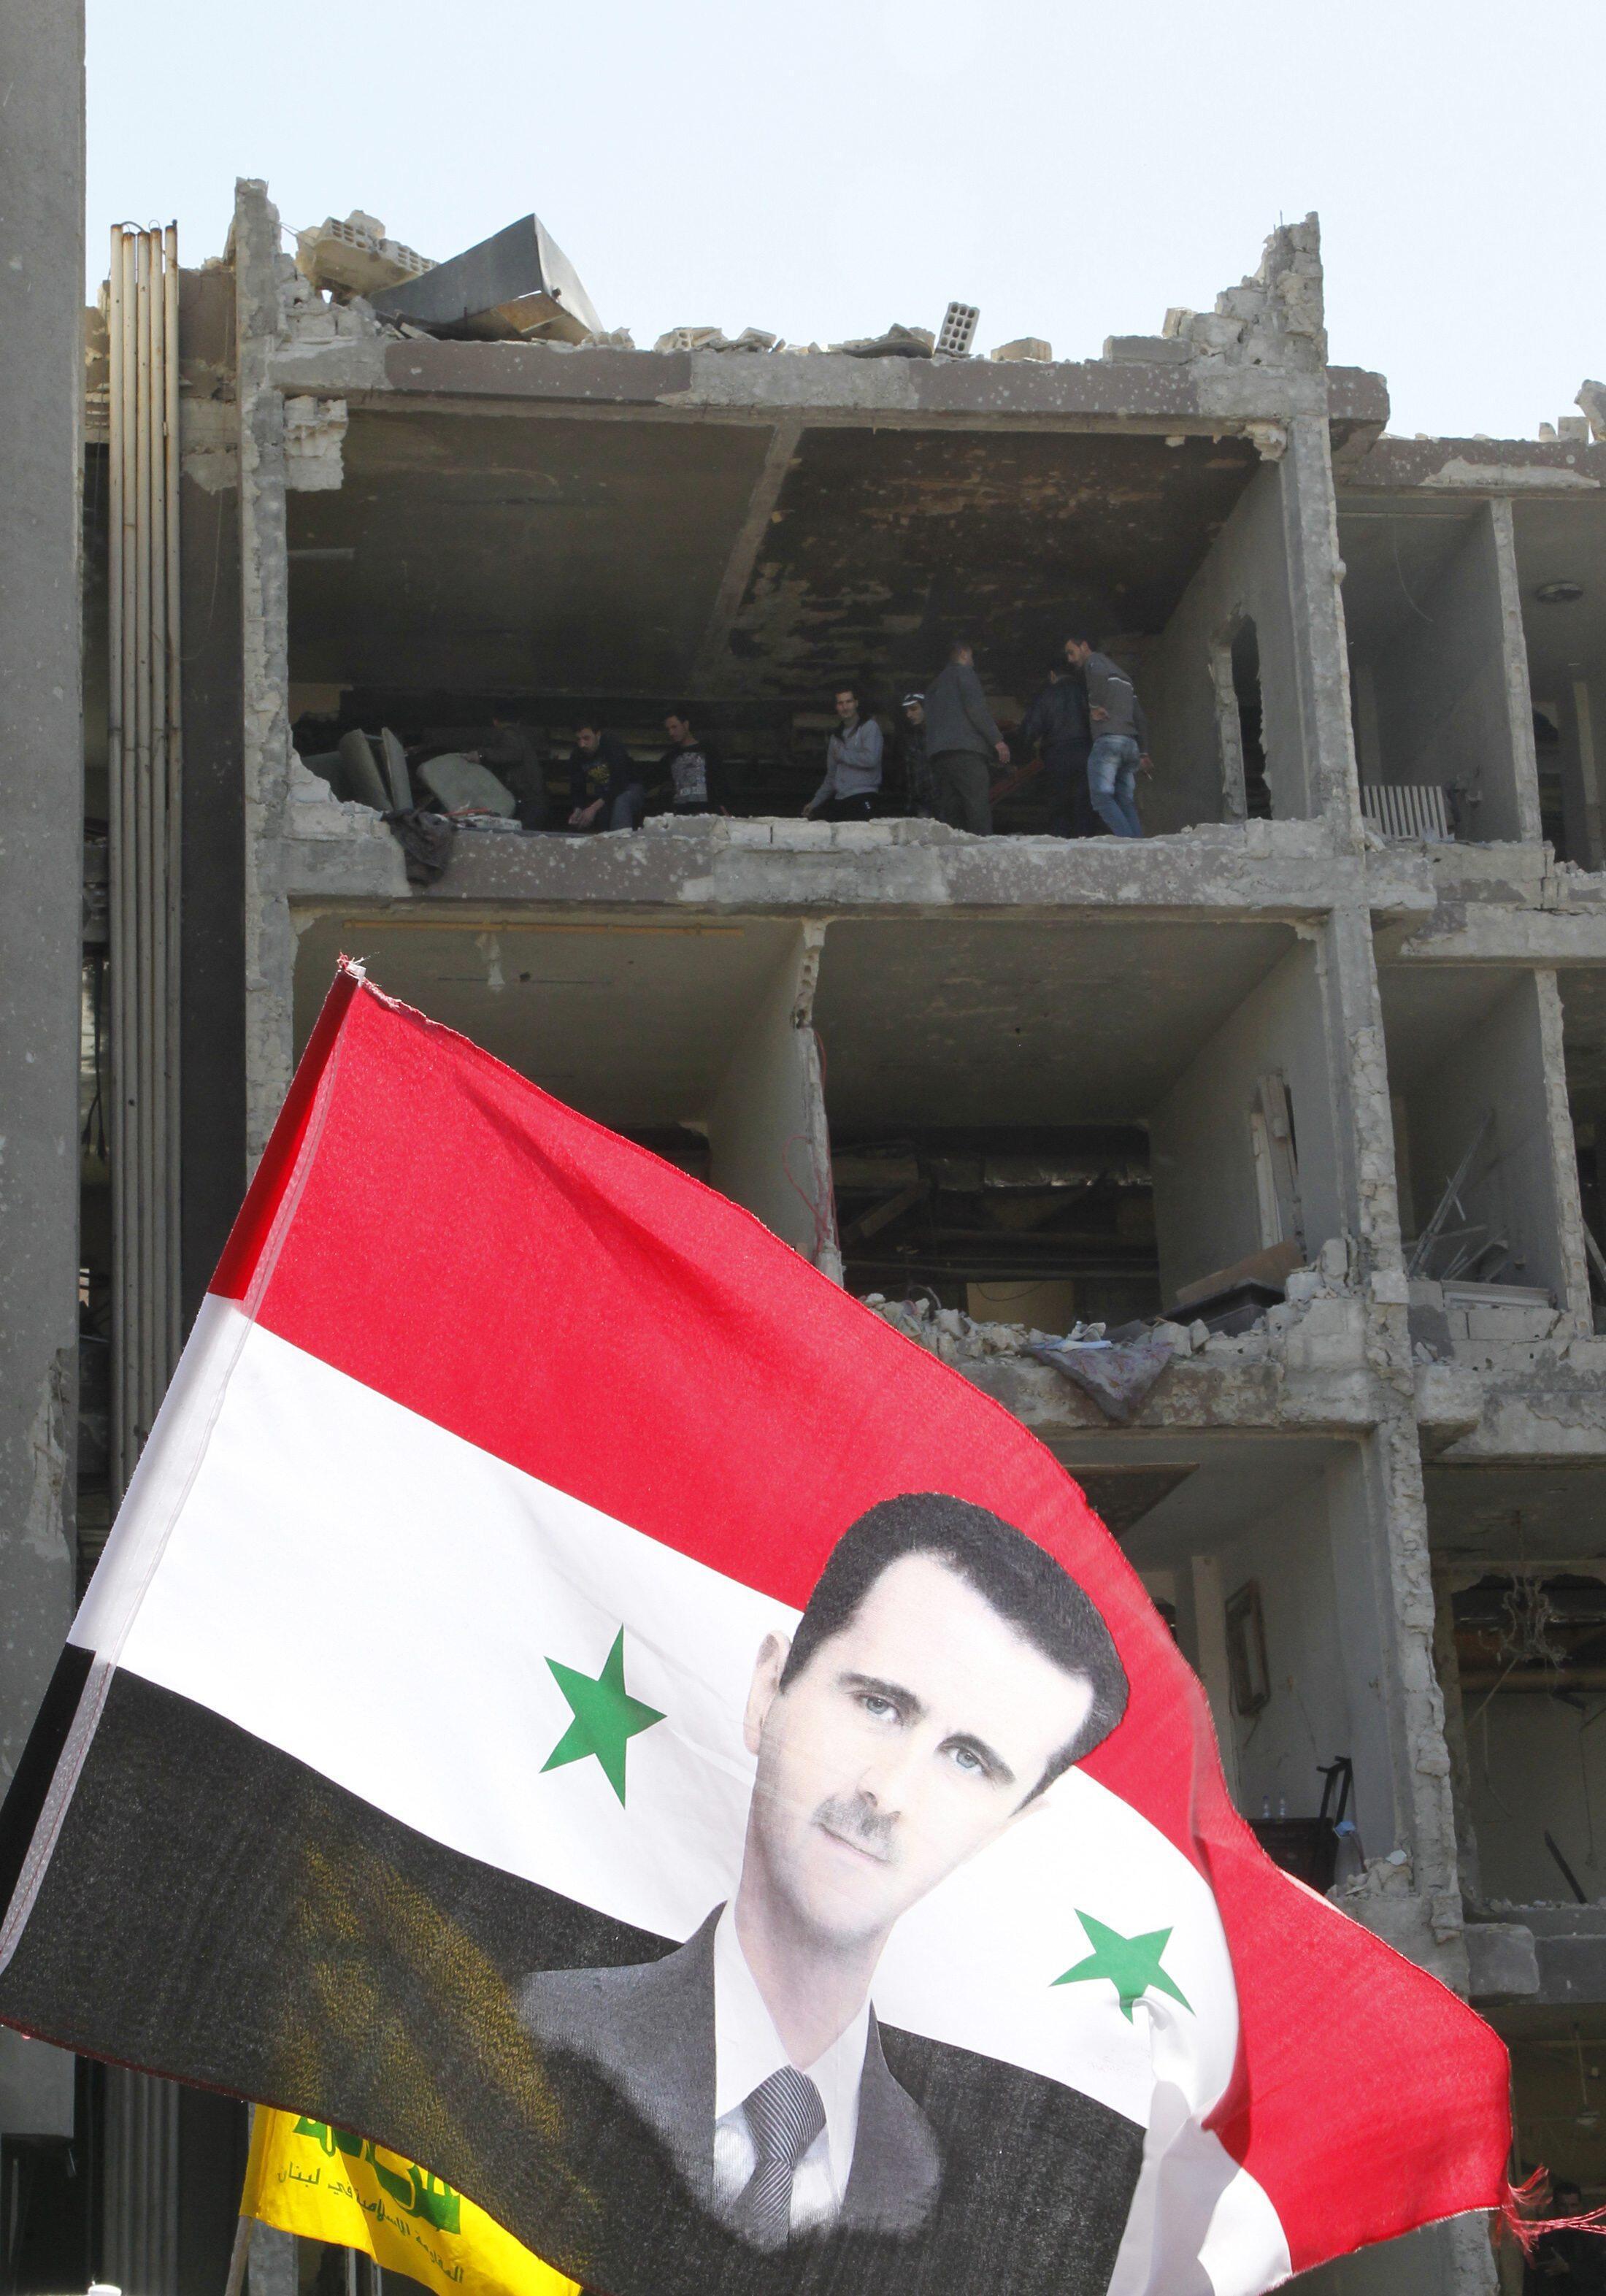 Bandeira síria com a imagem do presidente Bashar al-Assad diante de um prédio após as explosões em um bairro de Damasco.